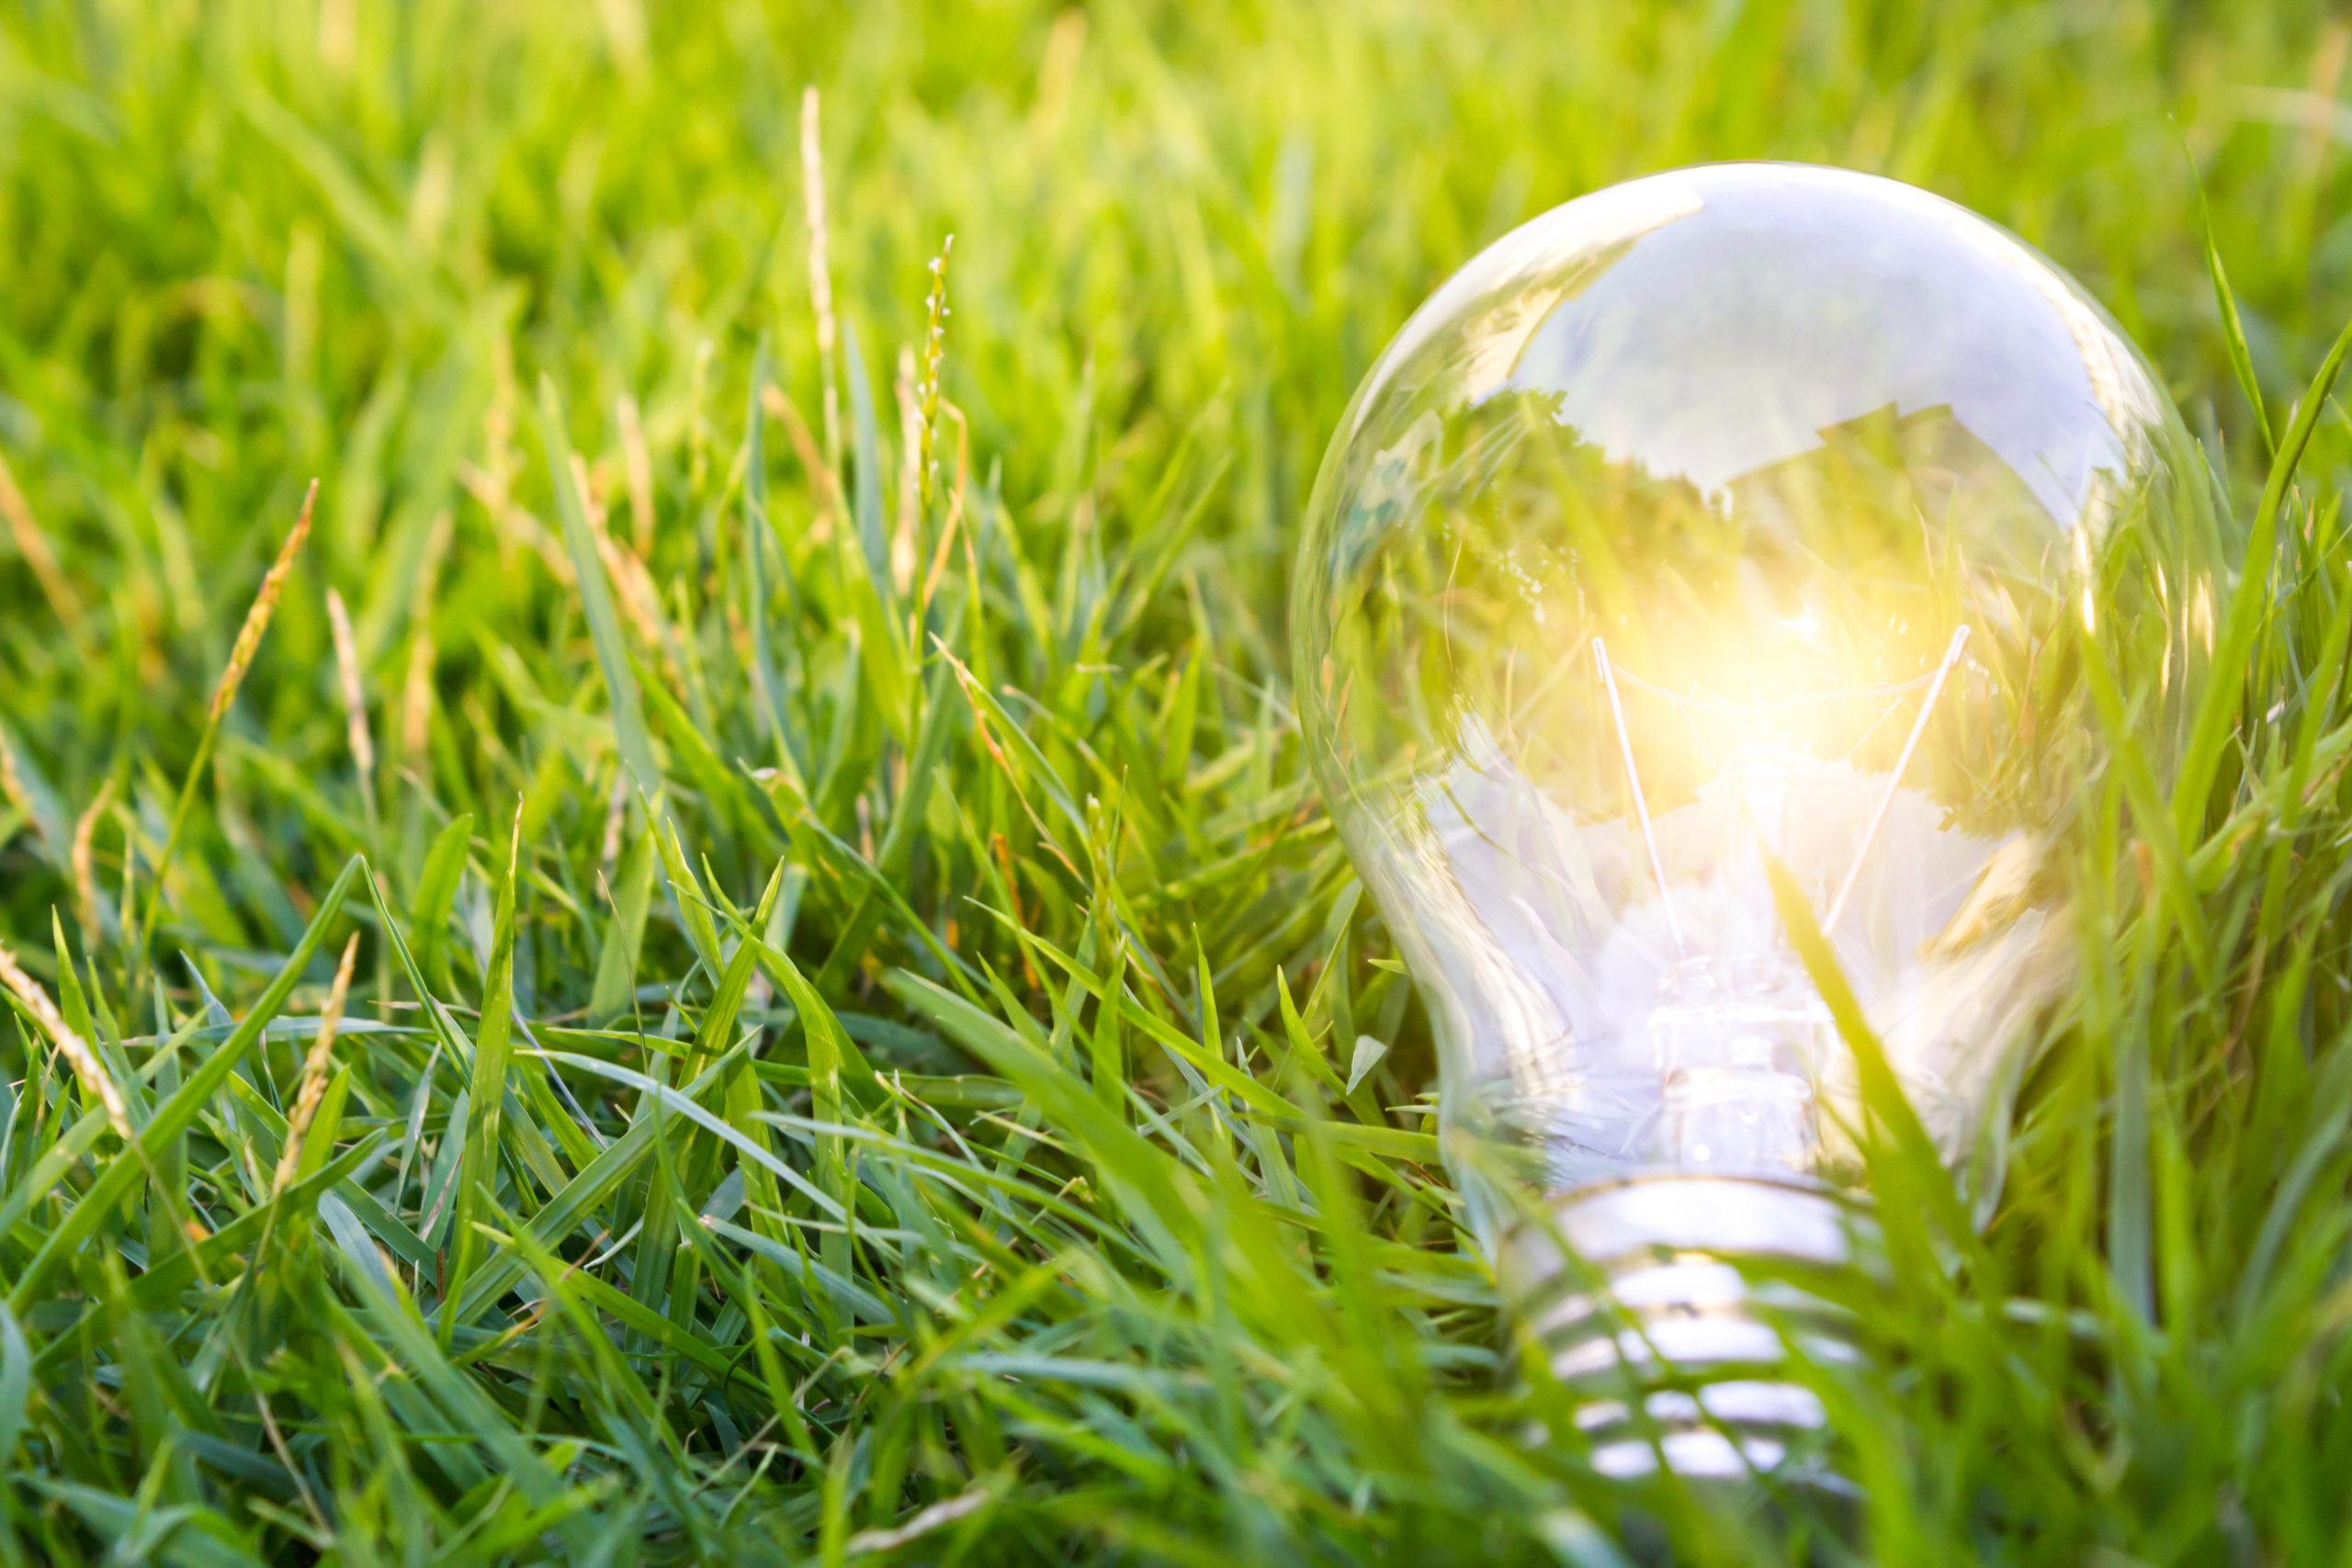 Lit Lightbulb on Grass